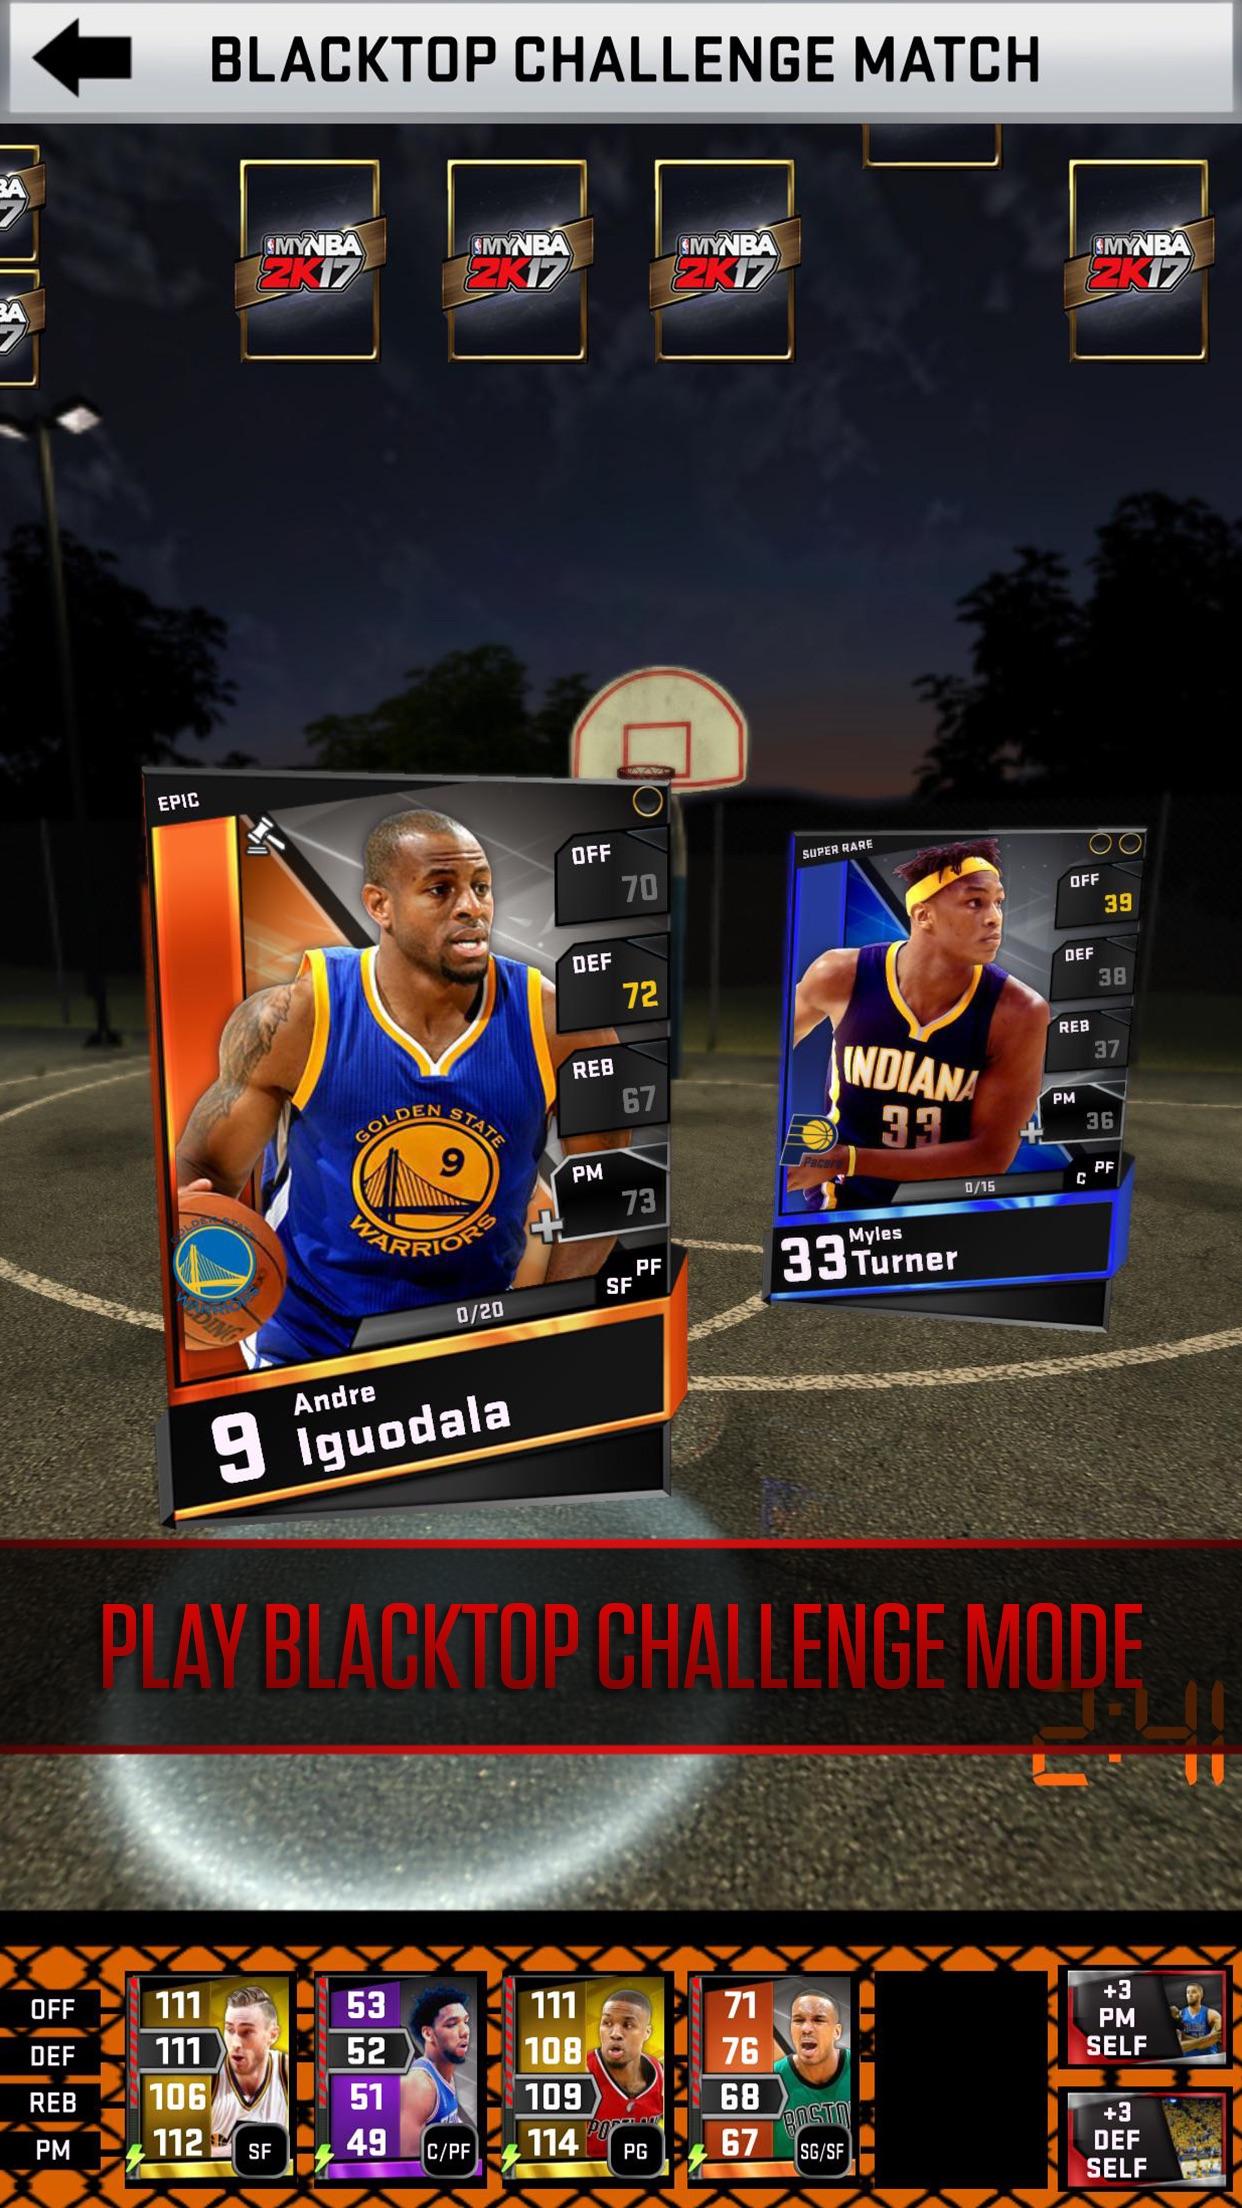 My NBA 2K17 Screenshot